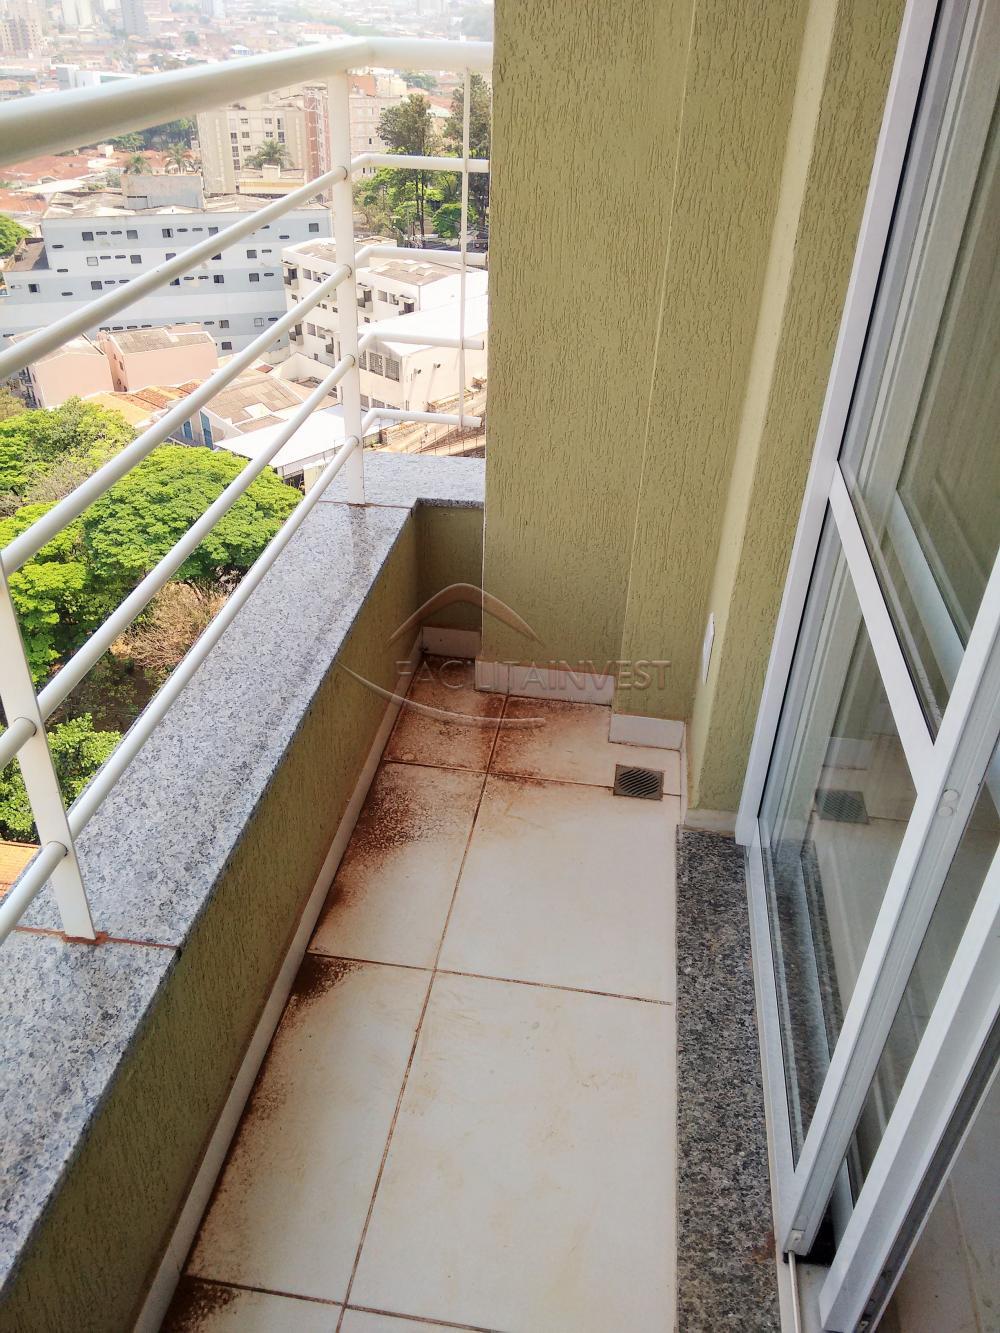 Comprar Apartamentos / Apart. Padrão em Ribeirão Preto apenas R$ 312.000,00 - Foto 2